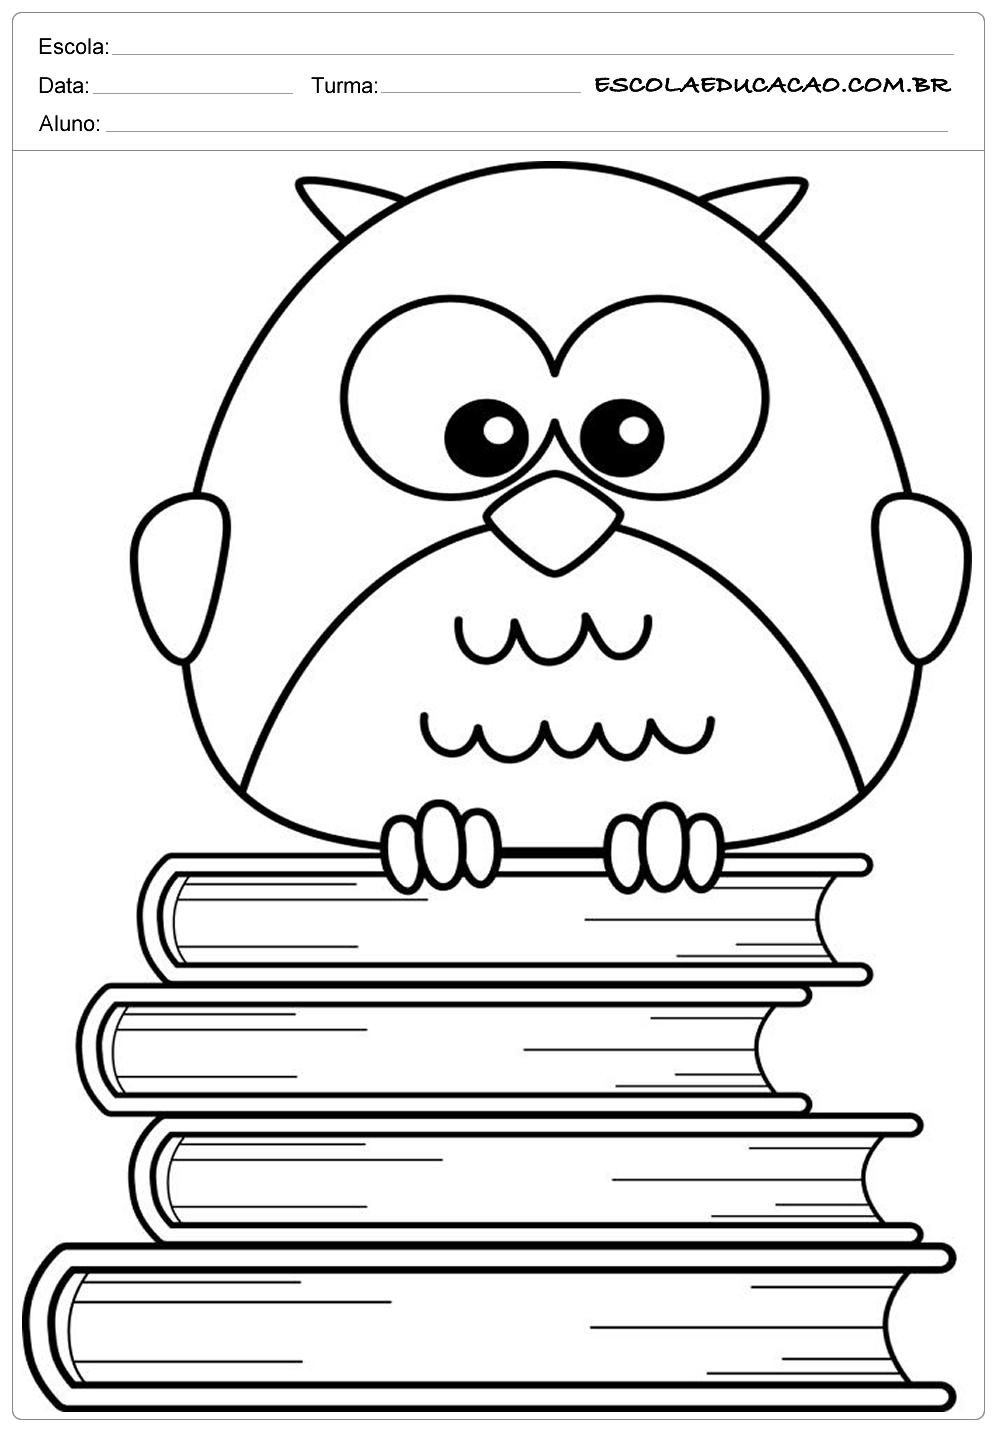 Moldes de Corujas – Corujas nos Livros